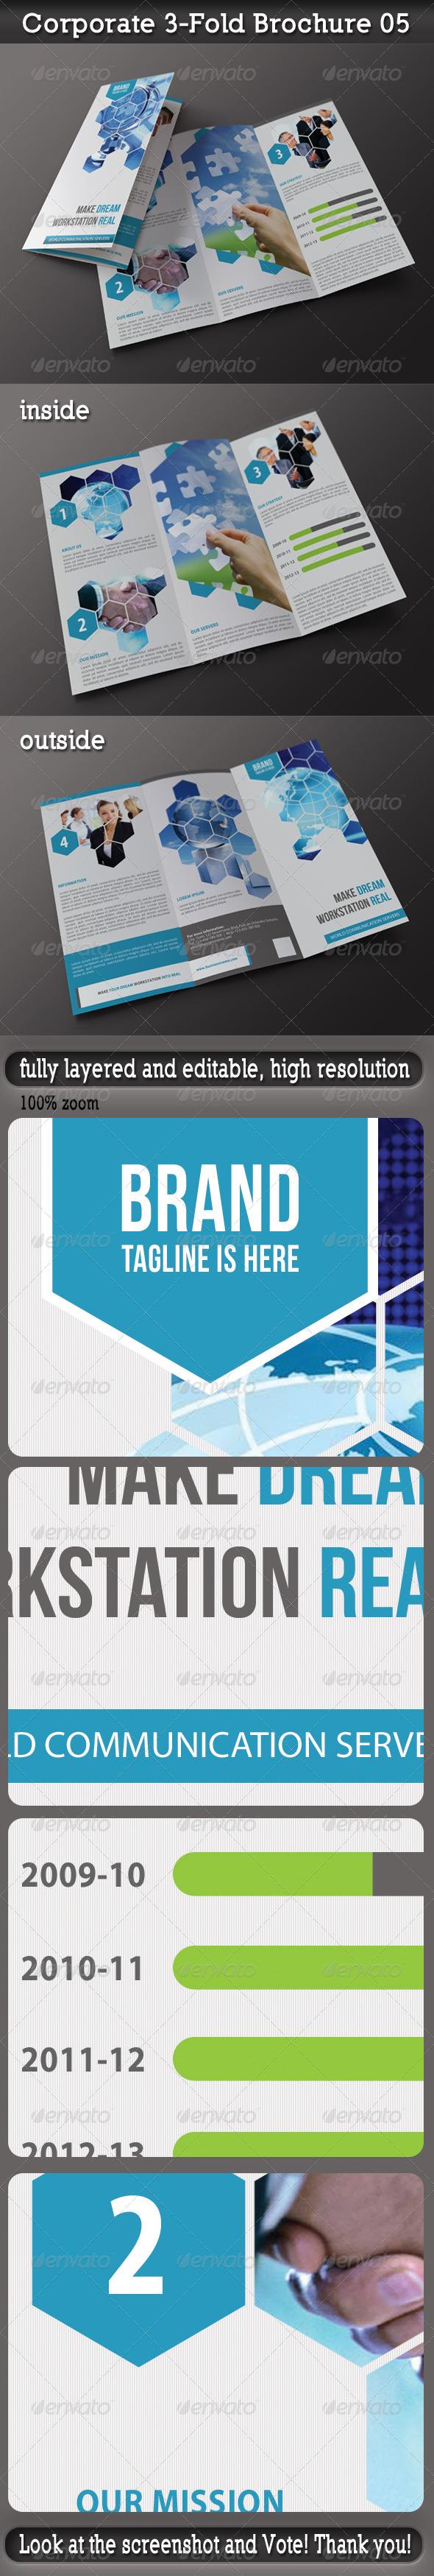 GraphicRiver Corporate 3-Fold Brochure 05 4986957